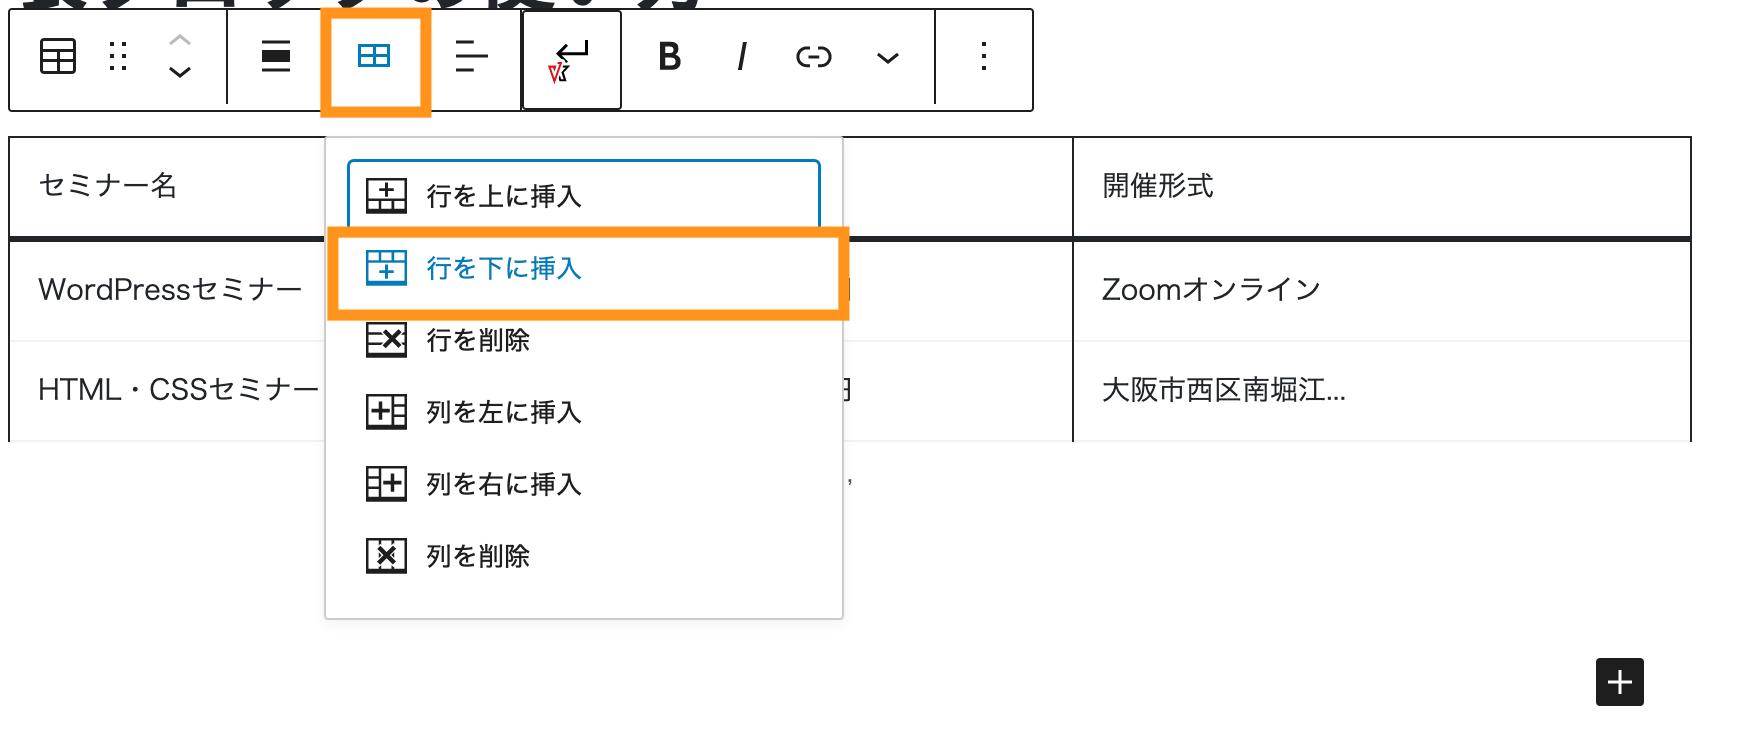 表の編集アイコン>行を下に挿入